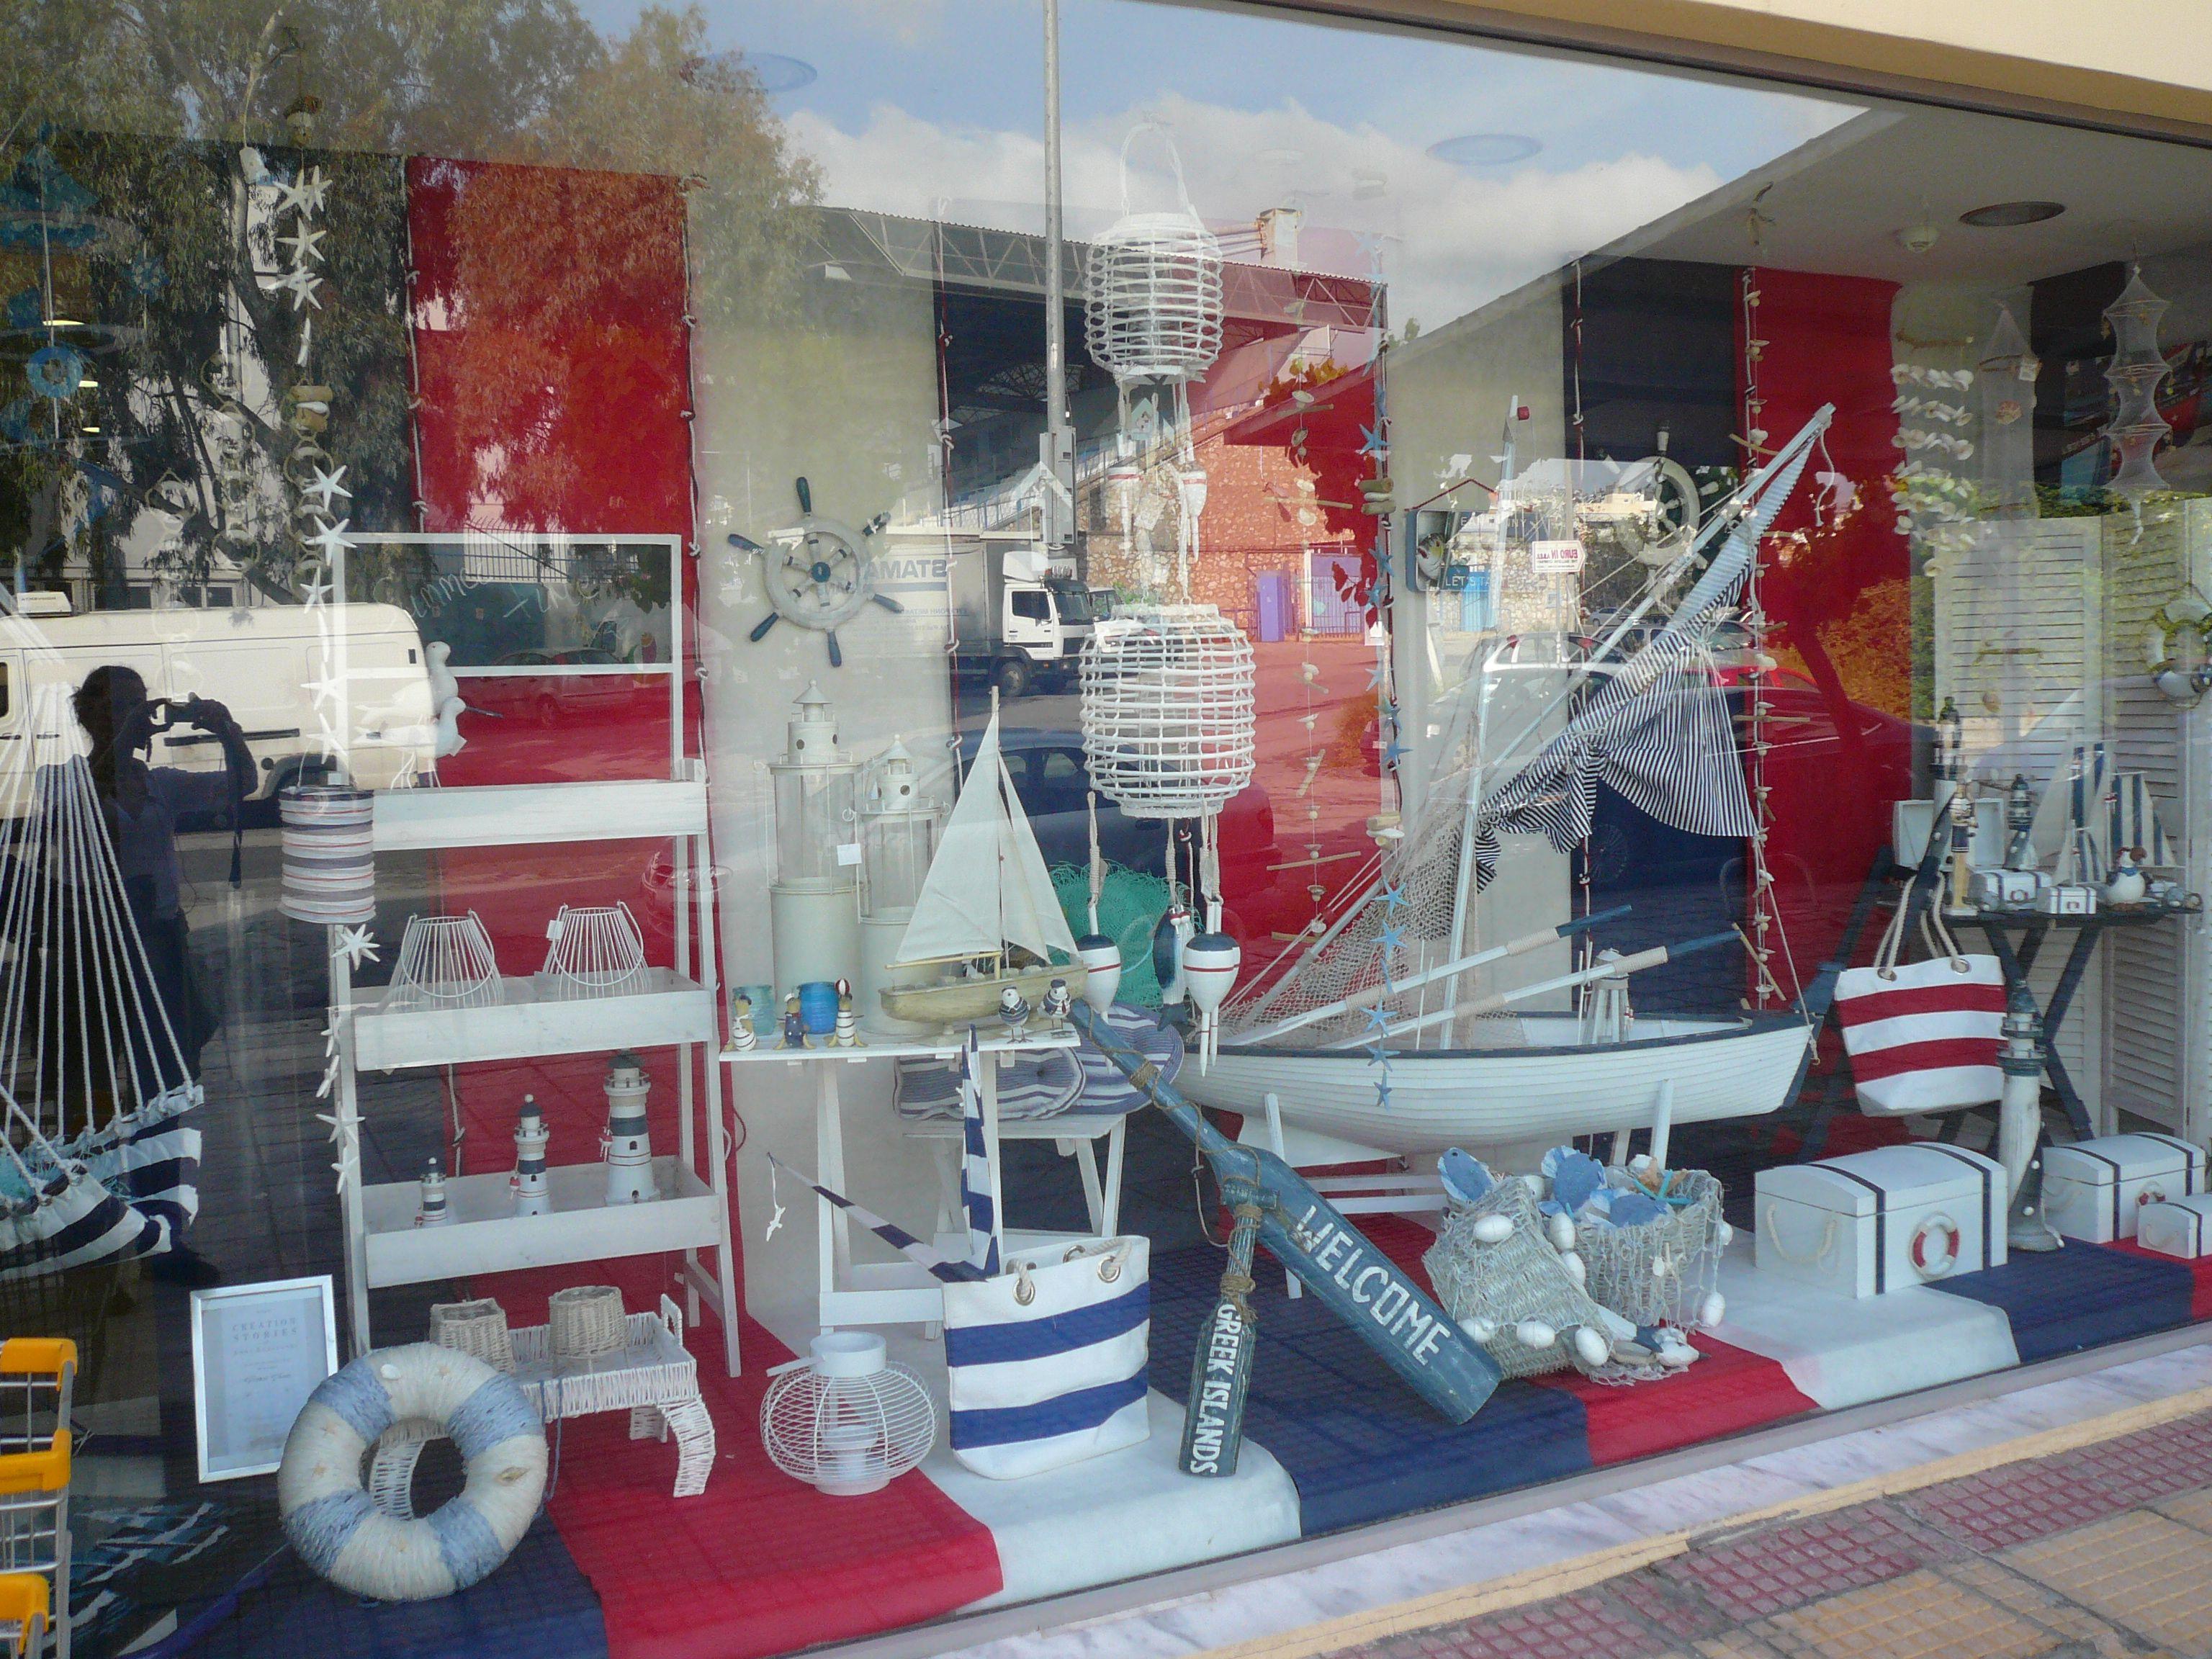 navy window theme decor by Anna Remoudaki & Konnstantina Grigoriou.